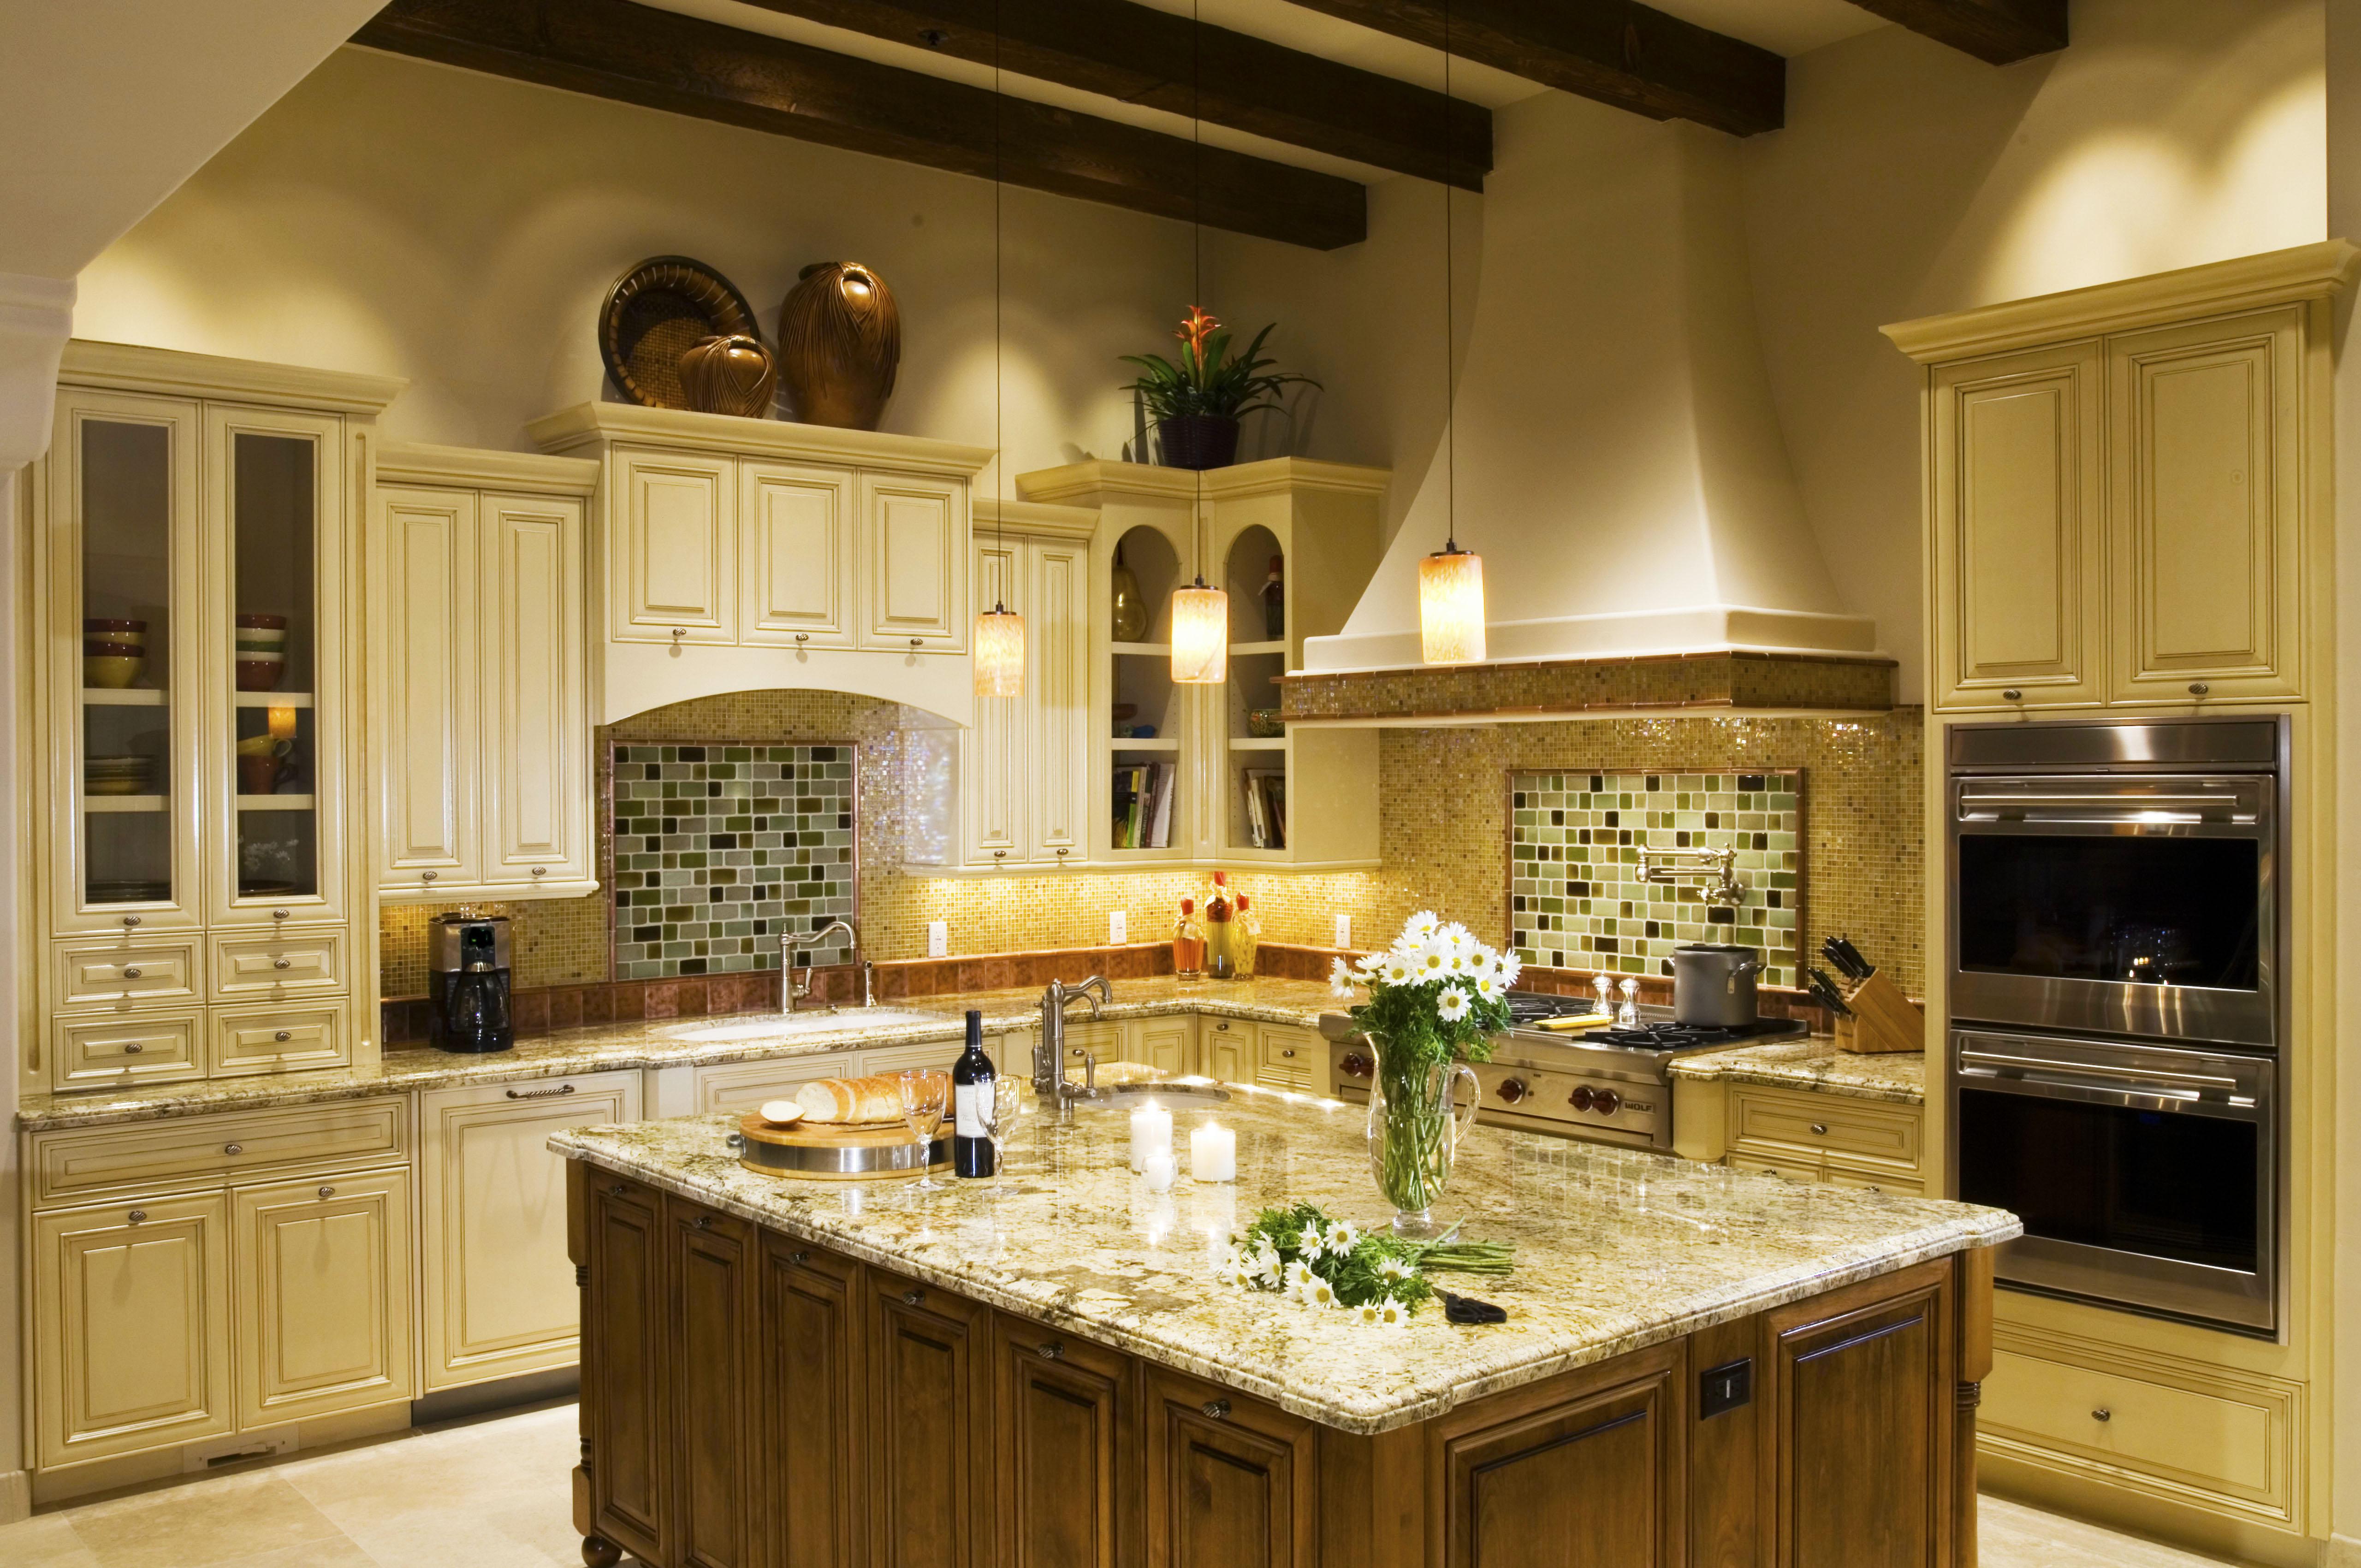 Cost to Remodel Kitchen Backsplash Designs  Roy Home Design